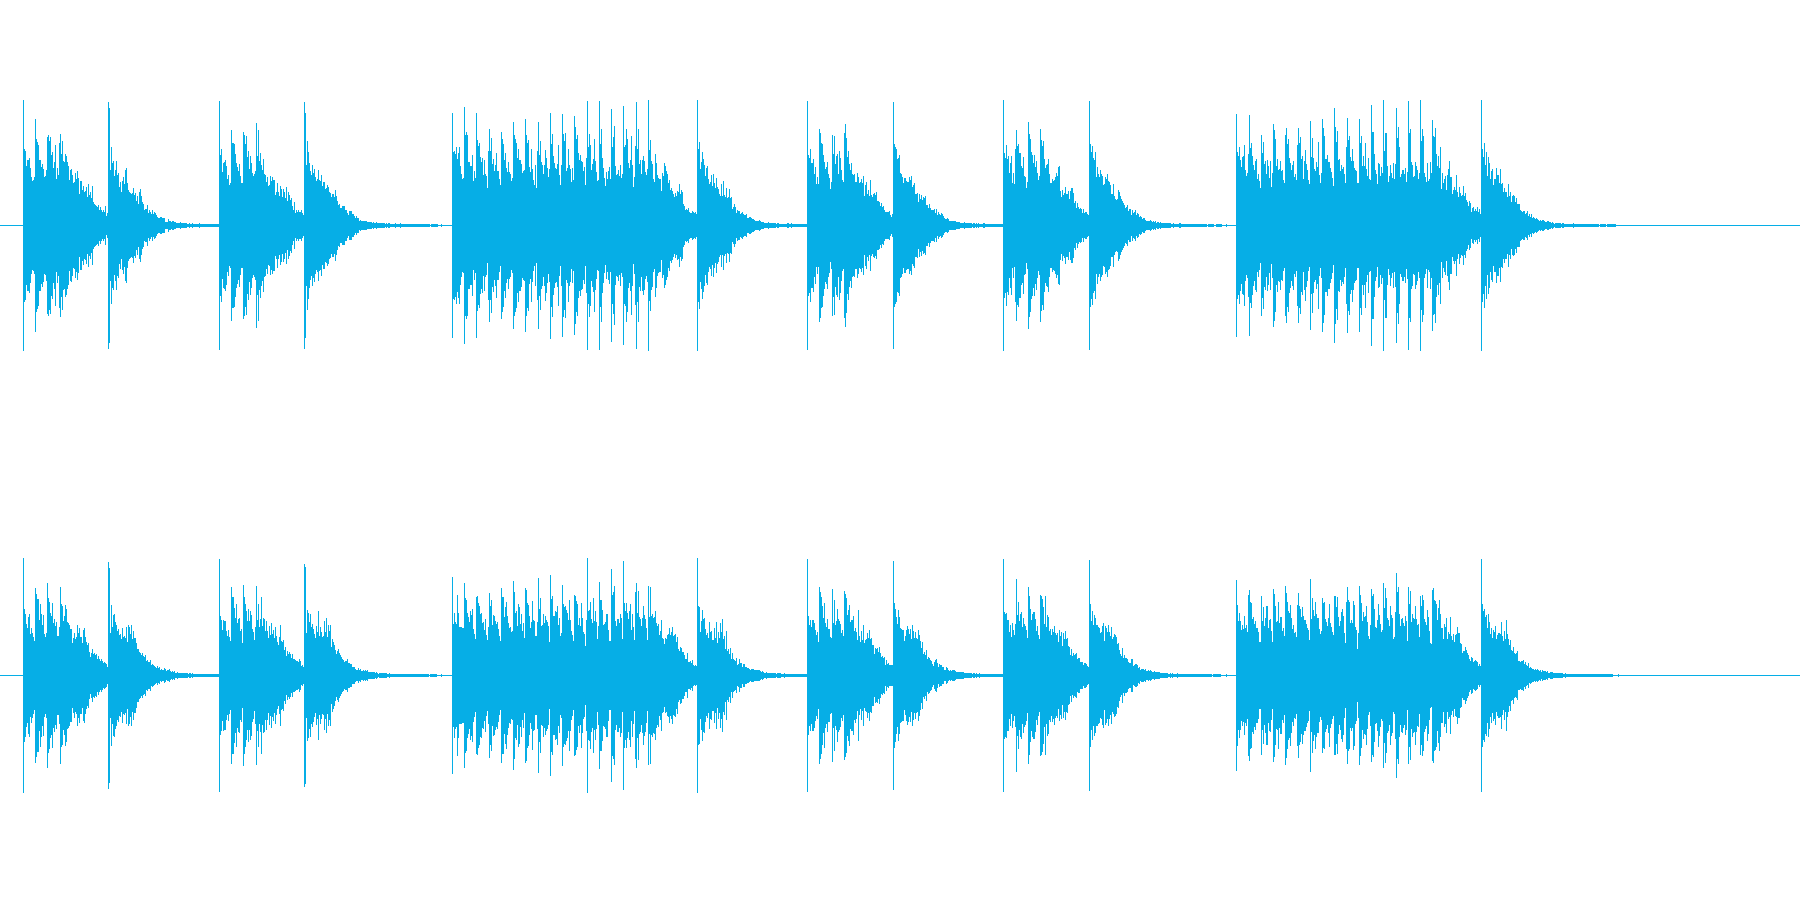 マーチングバンドのスネアリズム2の再生済みの波形